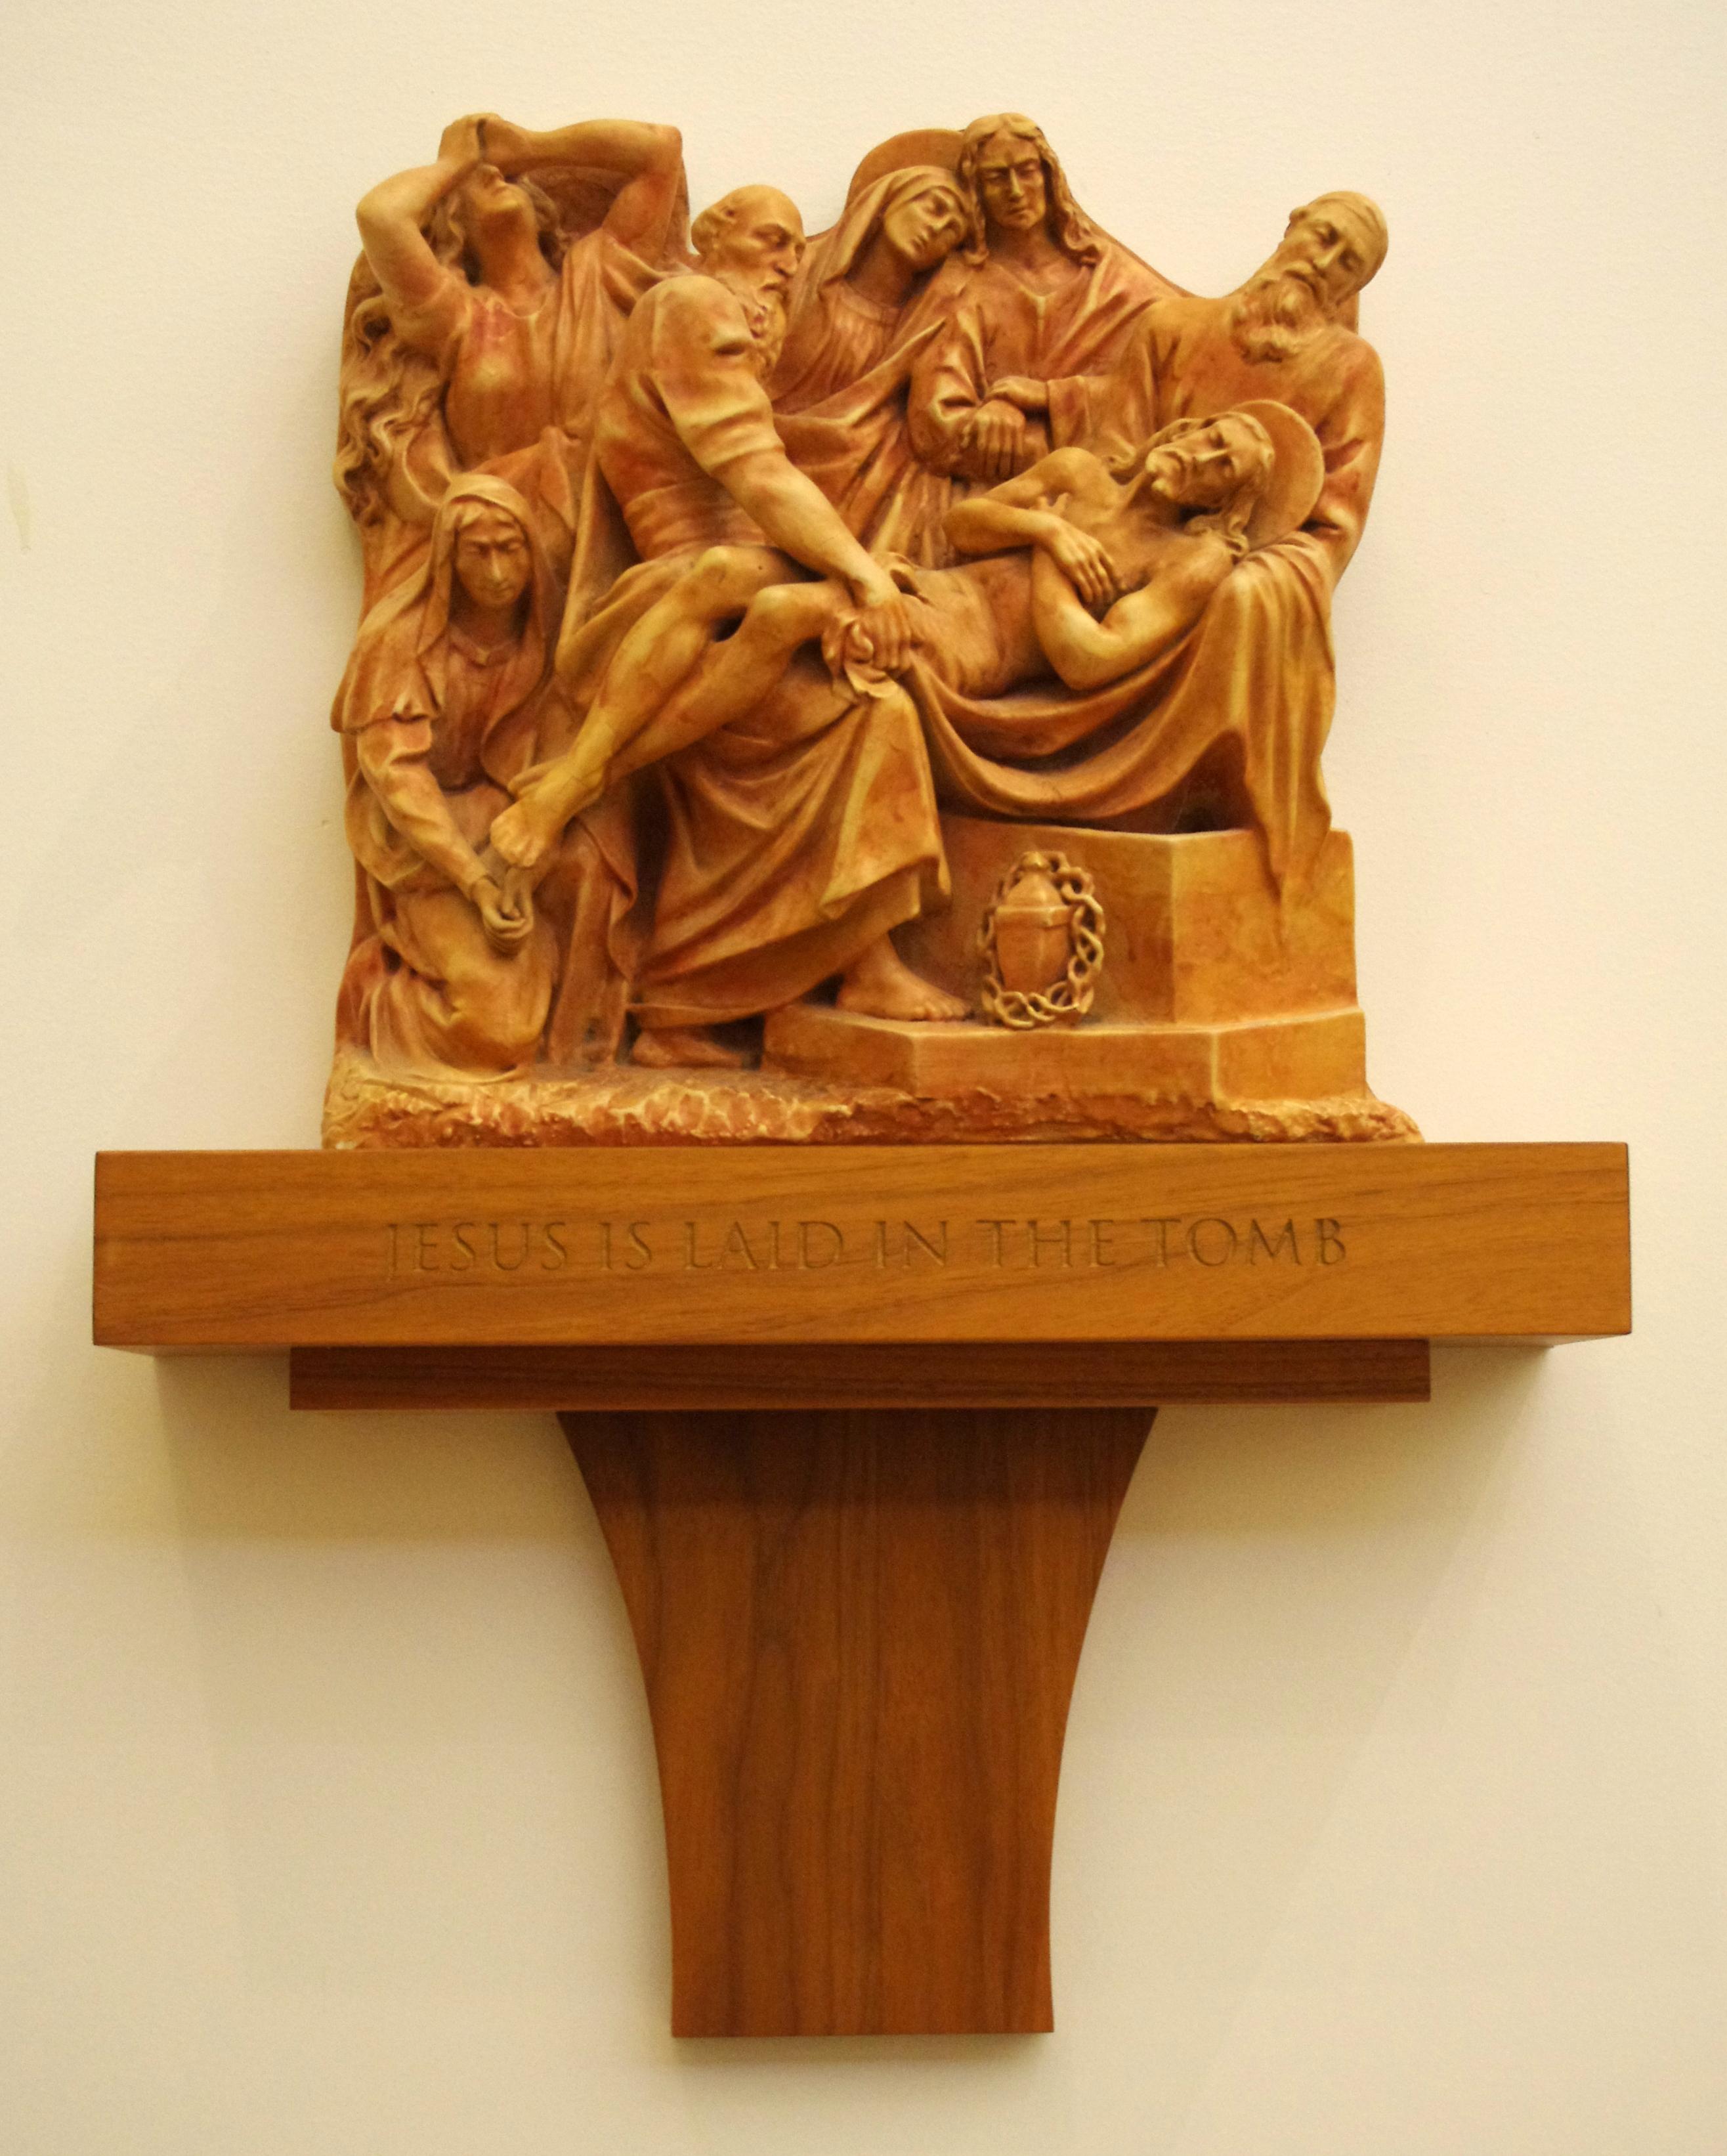 Messageofthecrosschurch Org: File:All Saints Catholic Church (Walton, Kentucky